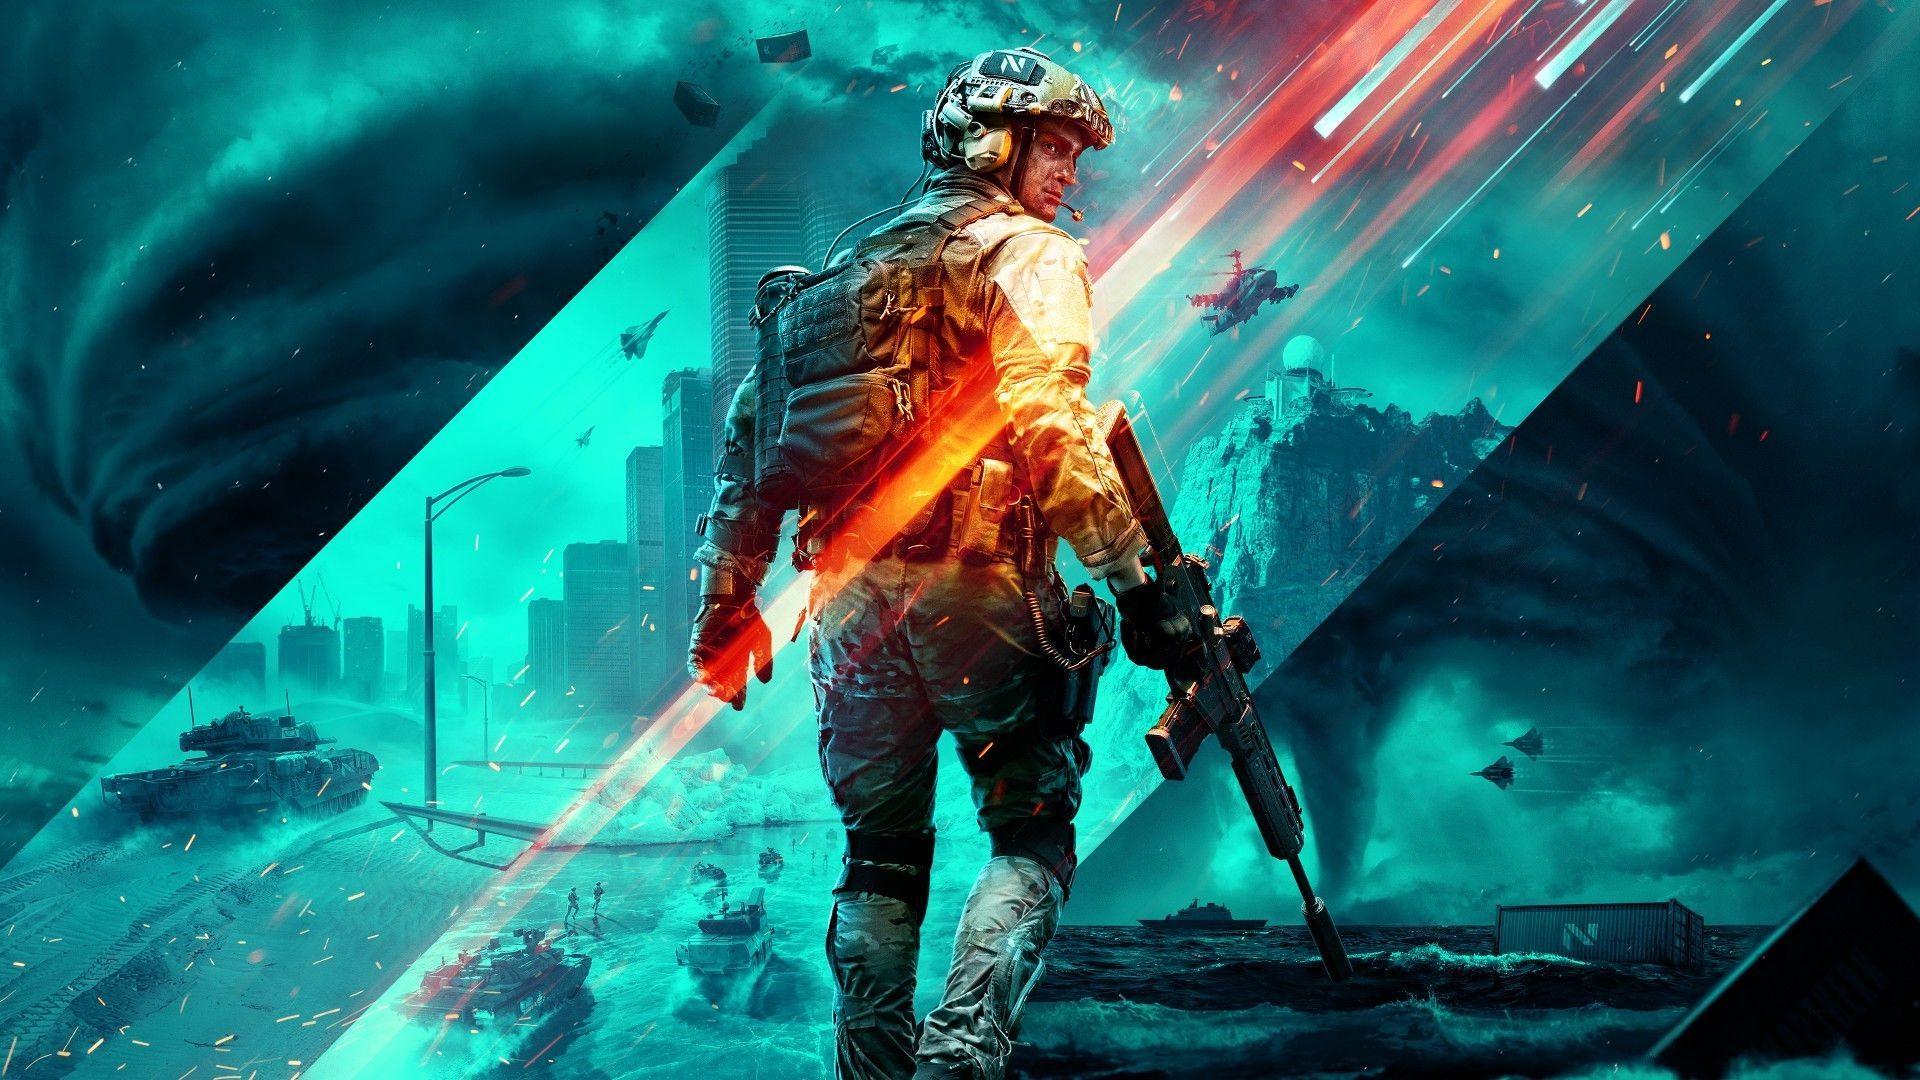 网友统计E3游戏预告片播放量 《艾尔登法环》登顶